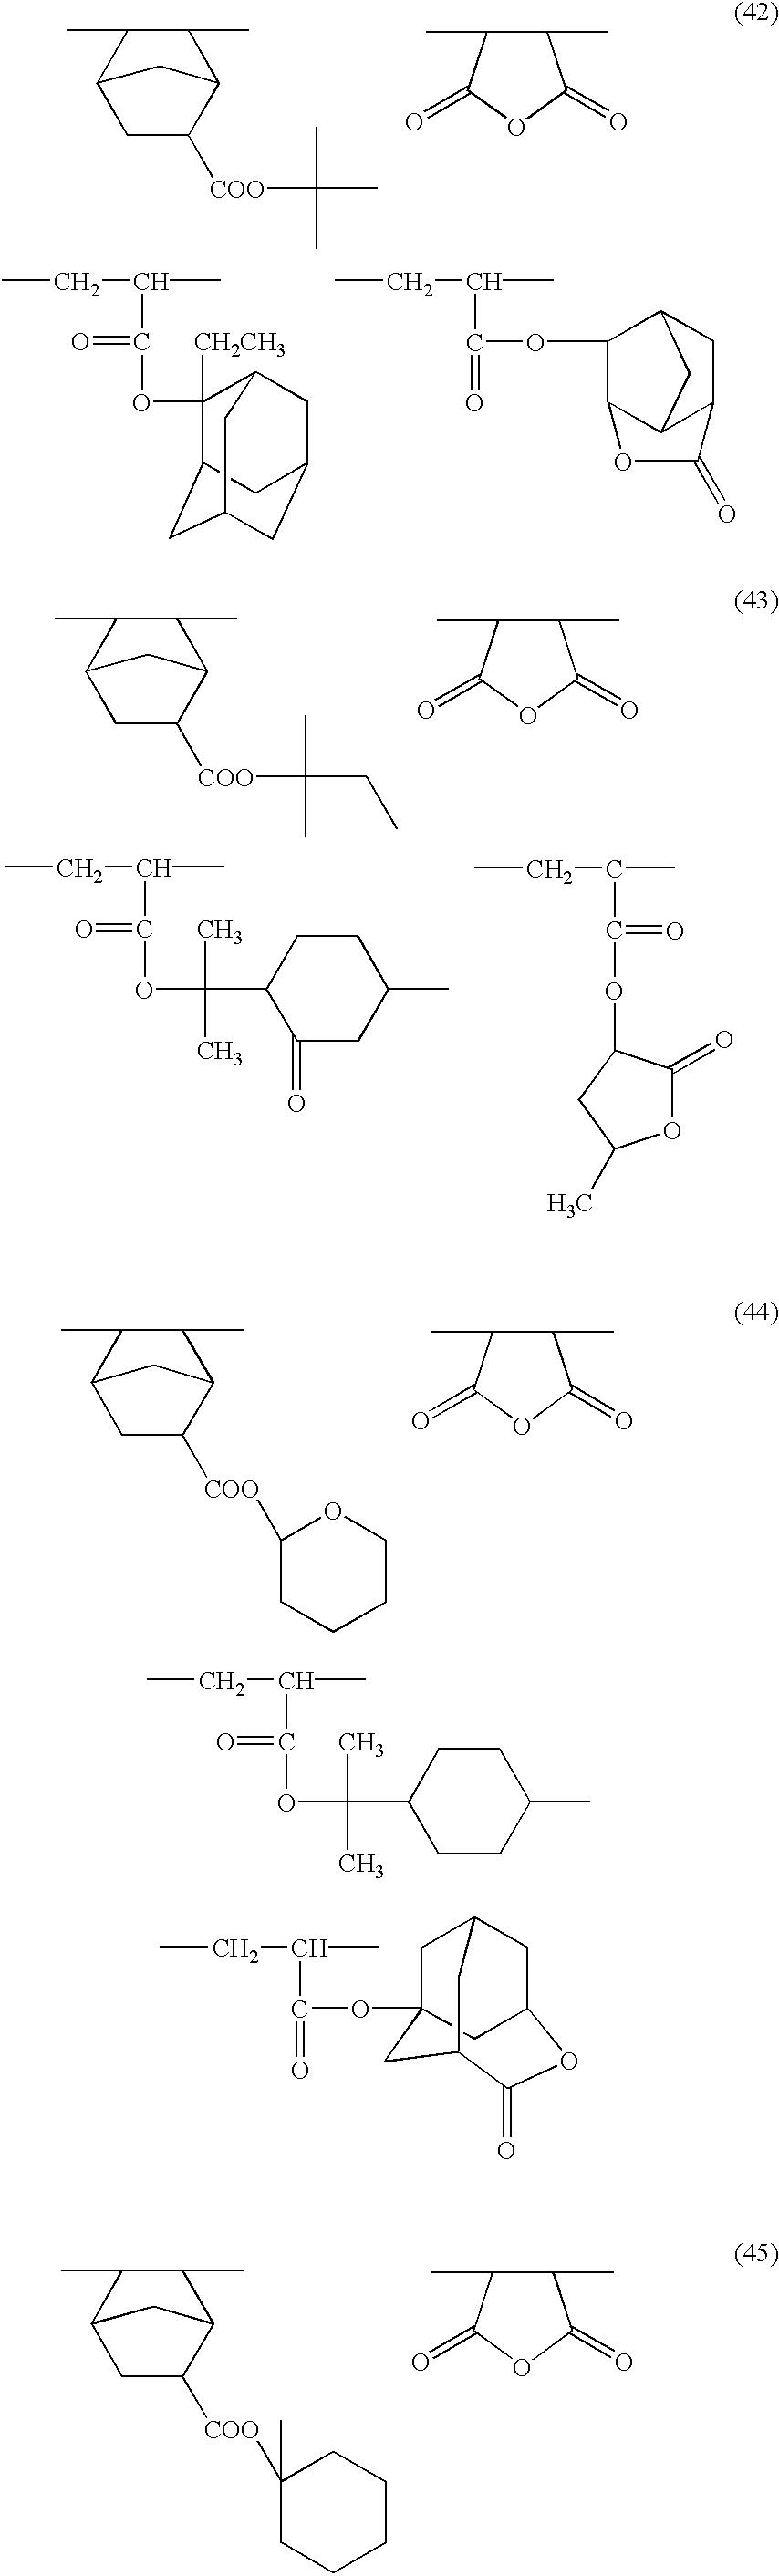 Figure US06492091-20021210-C00105